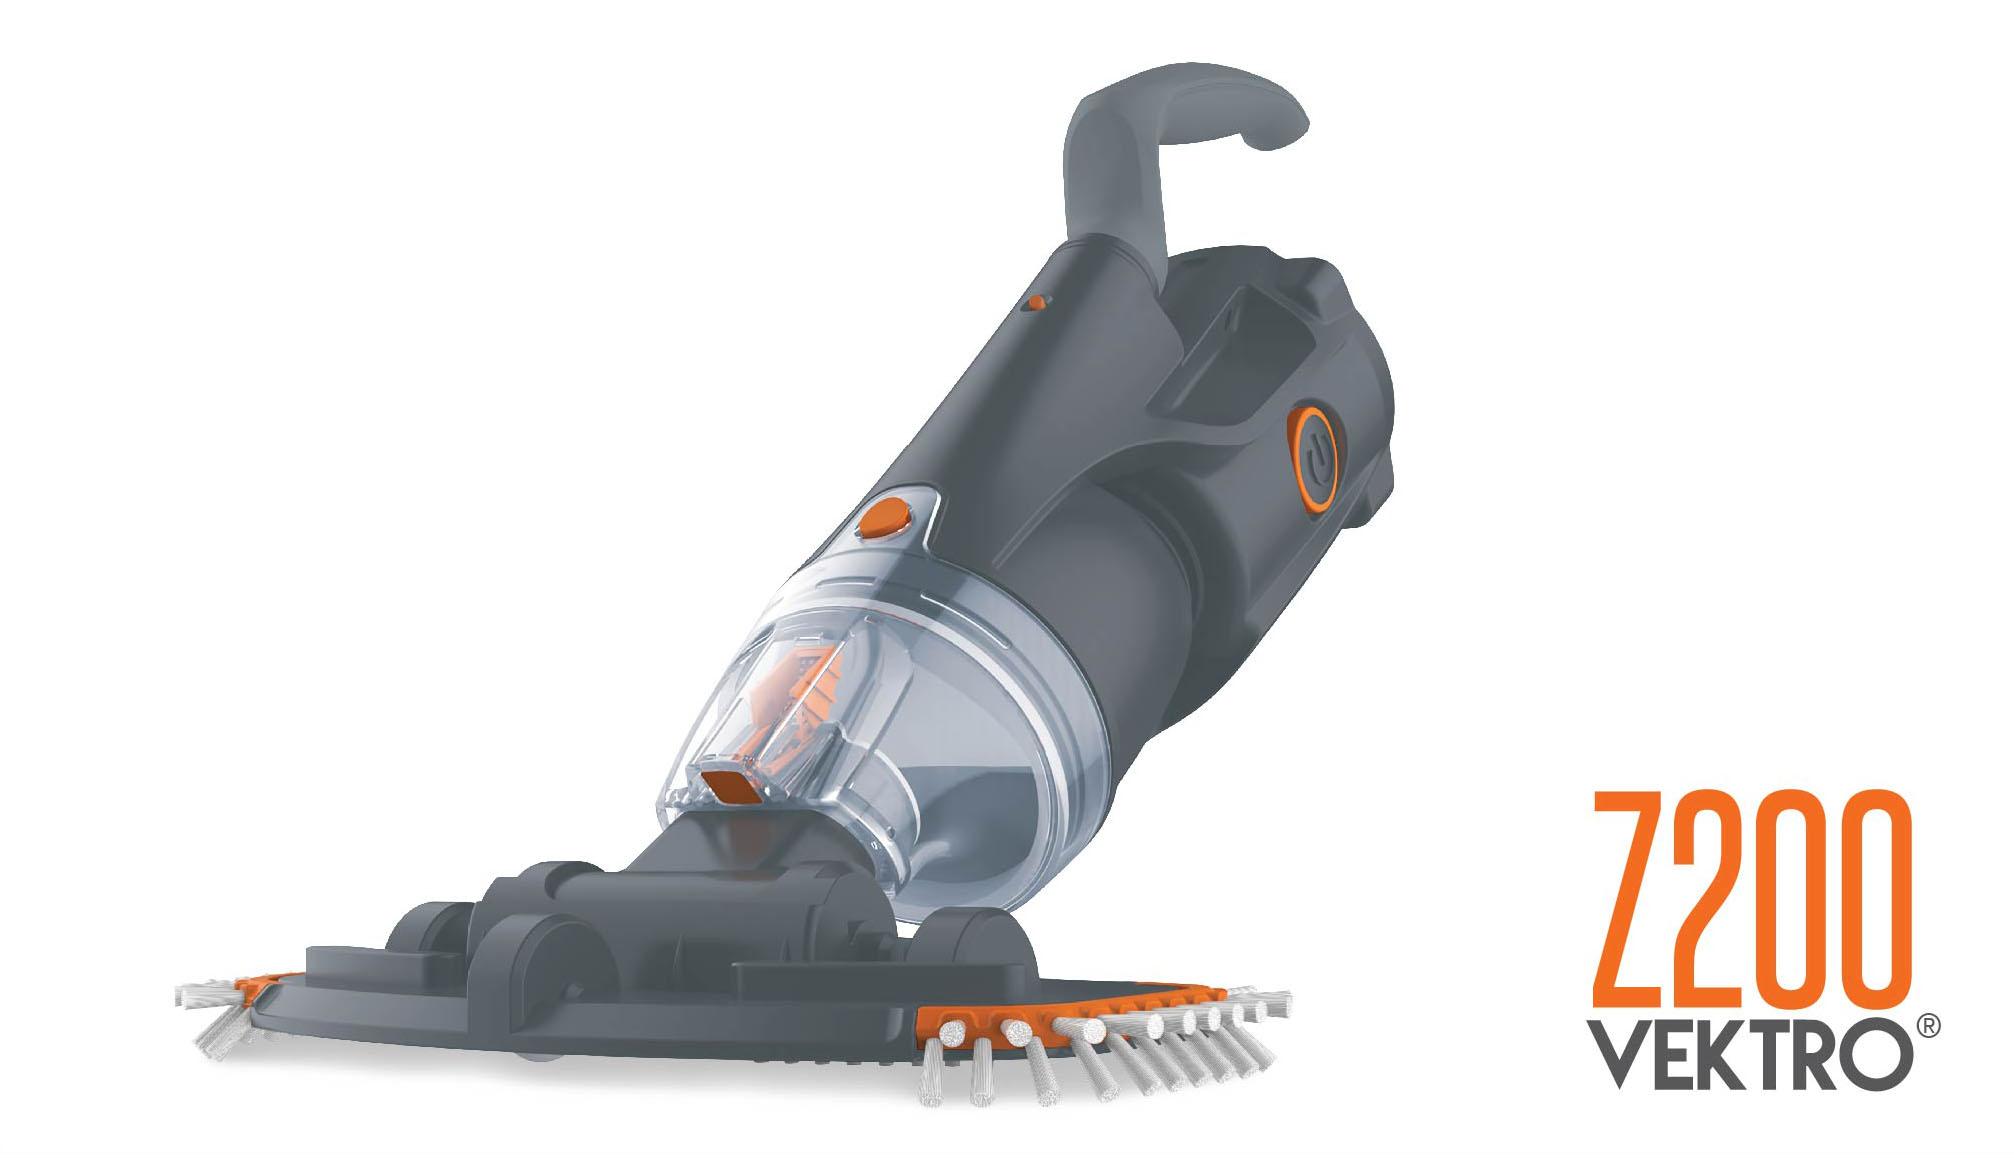 VEKTRO Z200 Rechargeable Pool Vacuum